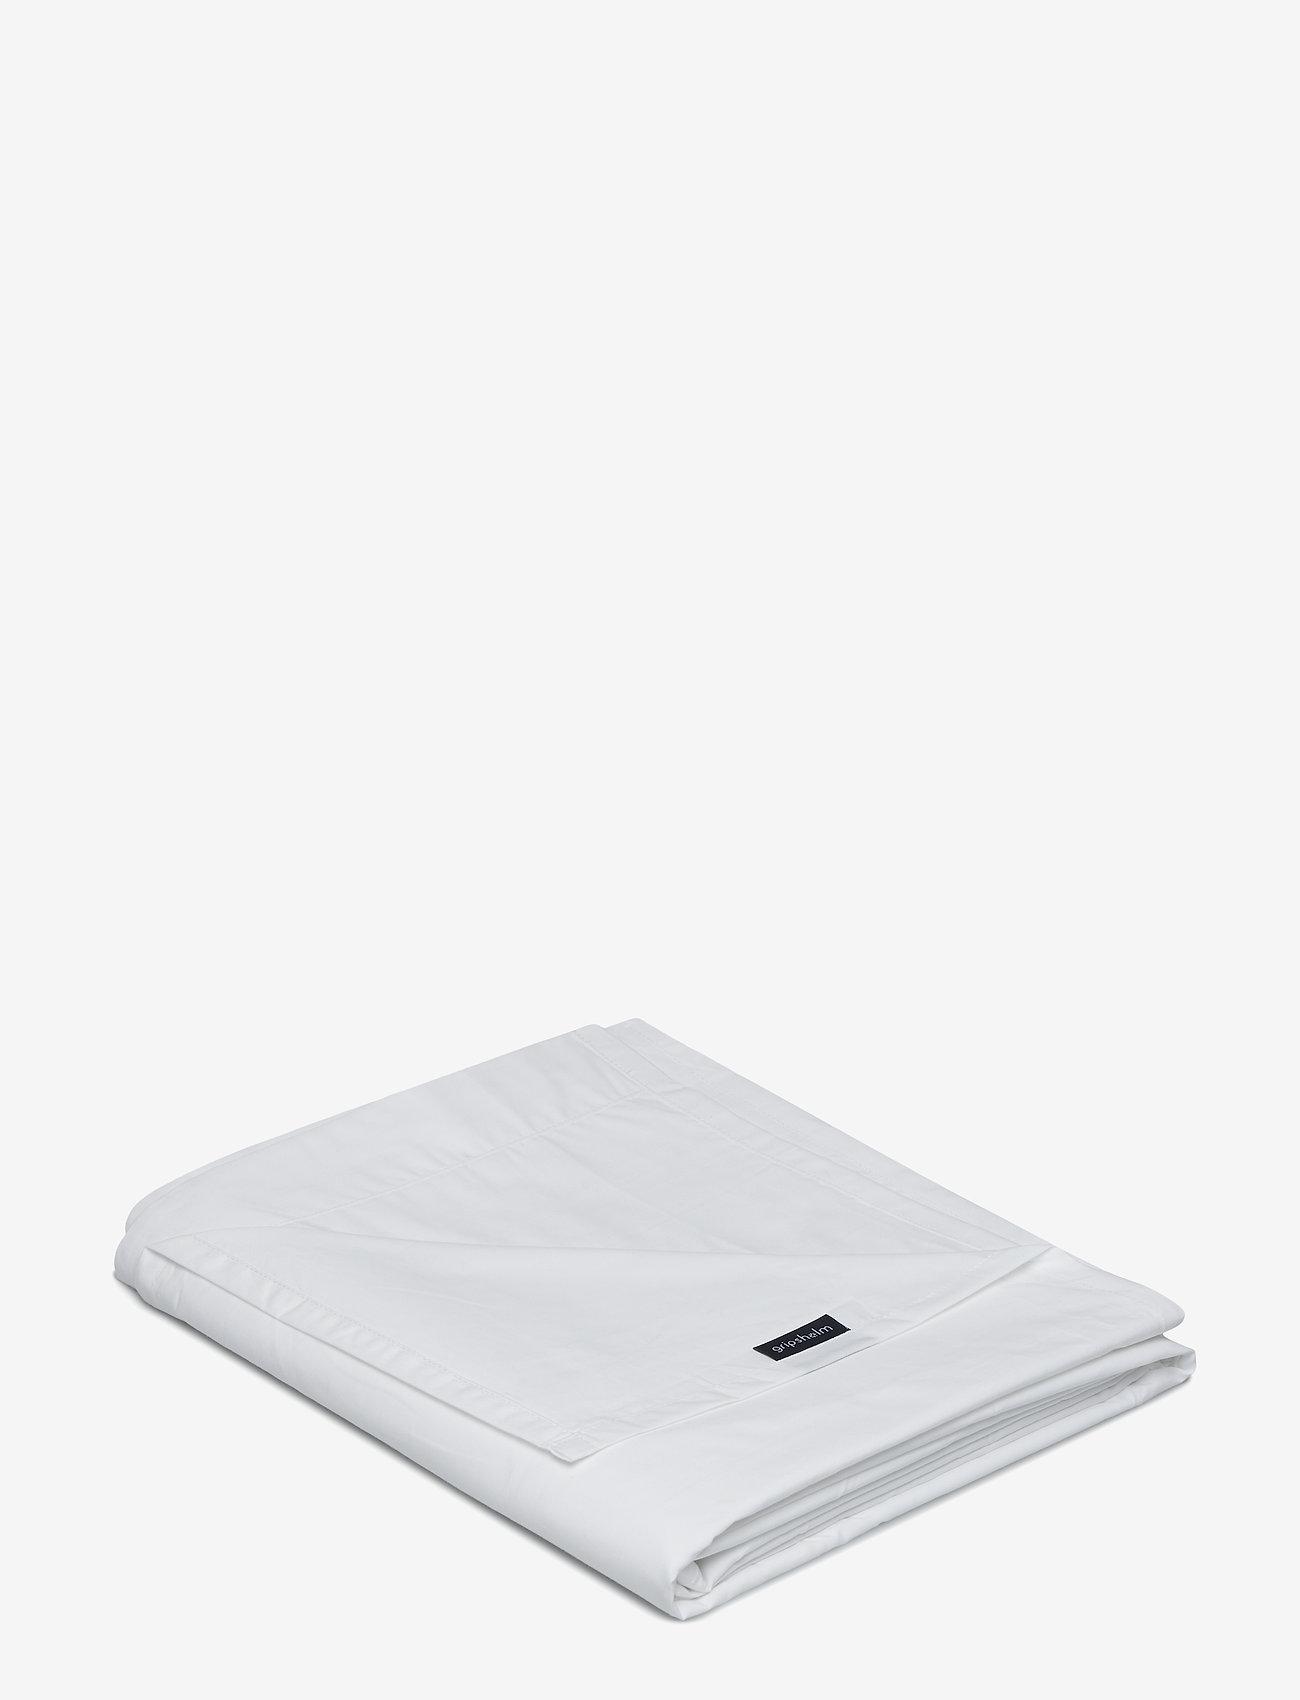 Gripsholm - FLAT SHEET ECO PERCALE - lakanat - white